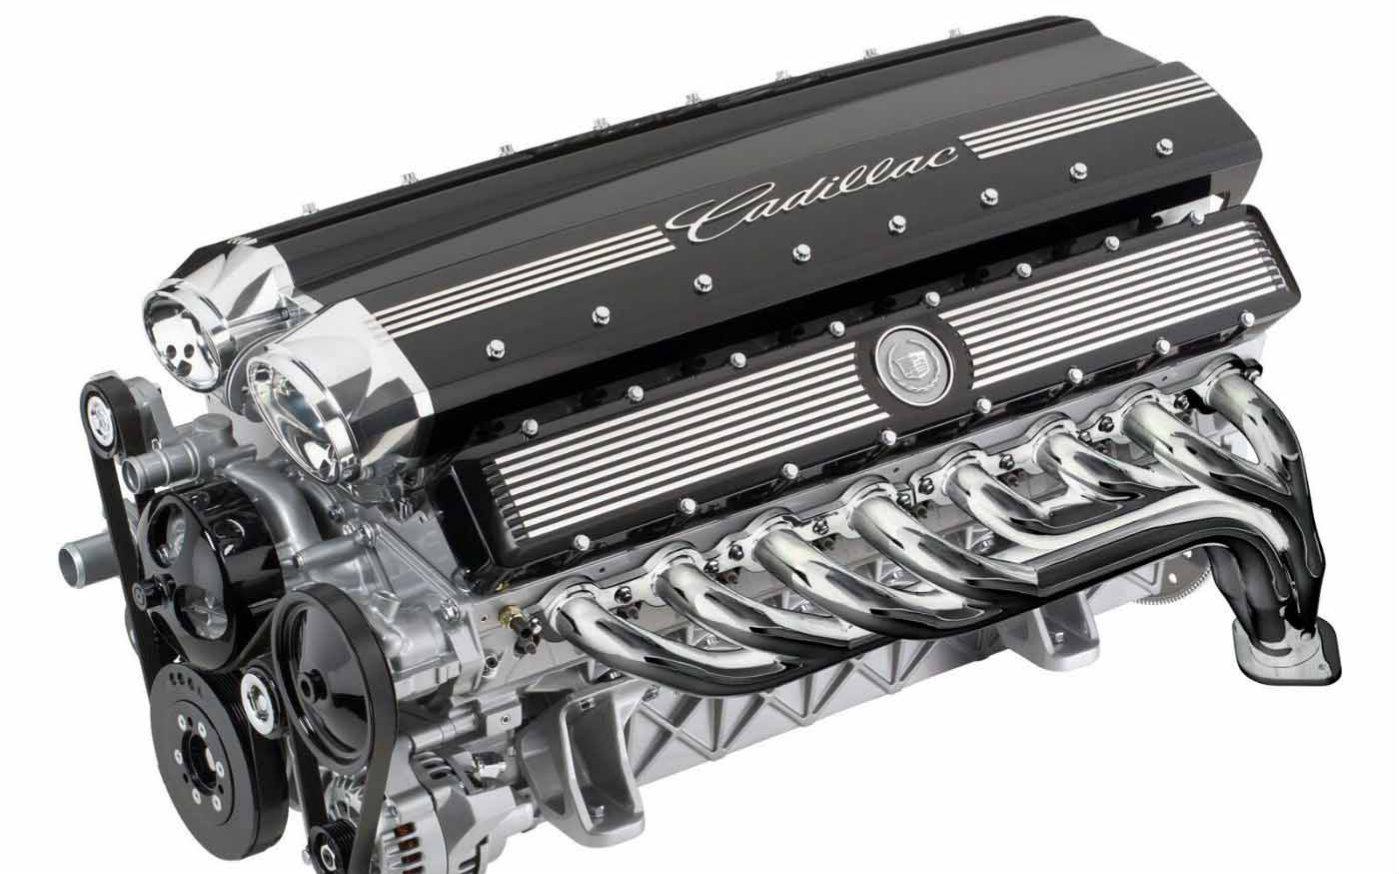 3d动画演示汽车引擎的工作原理